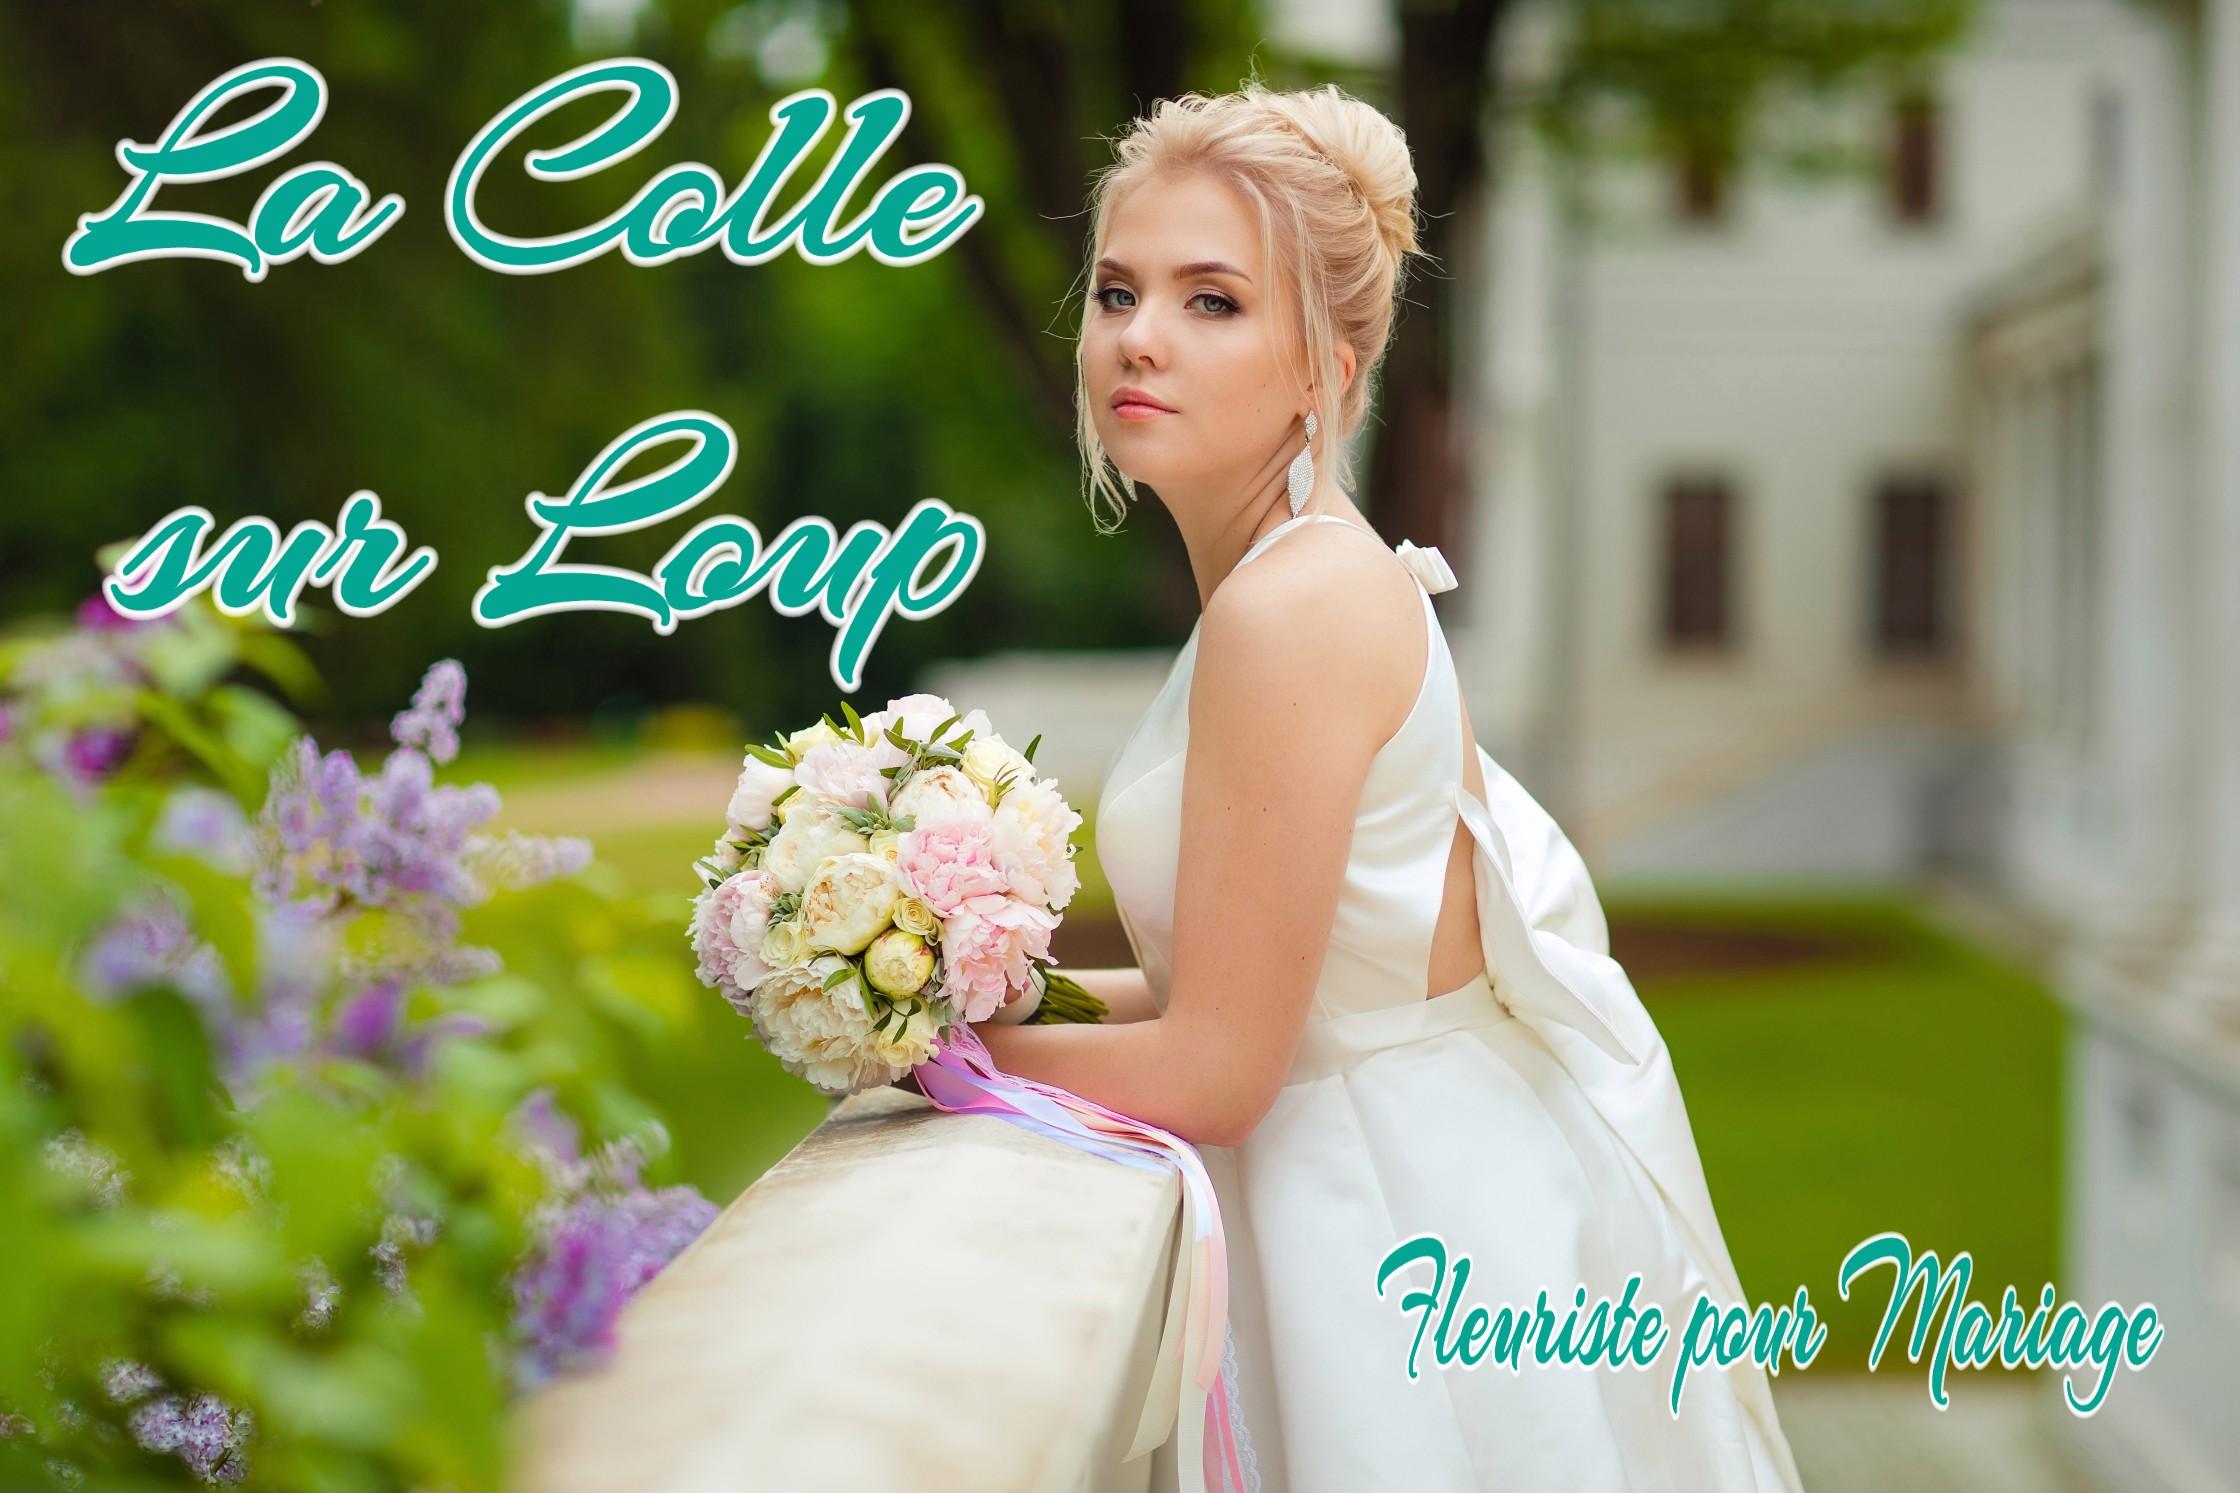 FLEURISTE MARIAGE LA COLLE SUR LOUP - fleurs mariage LA COLLE SUR LOUP - WEDDING PLANNER LA COLLE SUR LOUP - TRAITEUR LA COLLE SUR LOUP